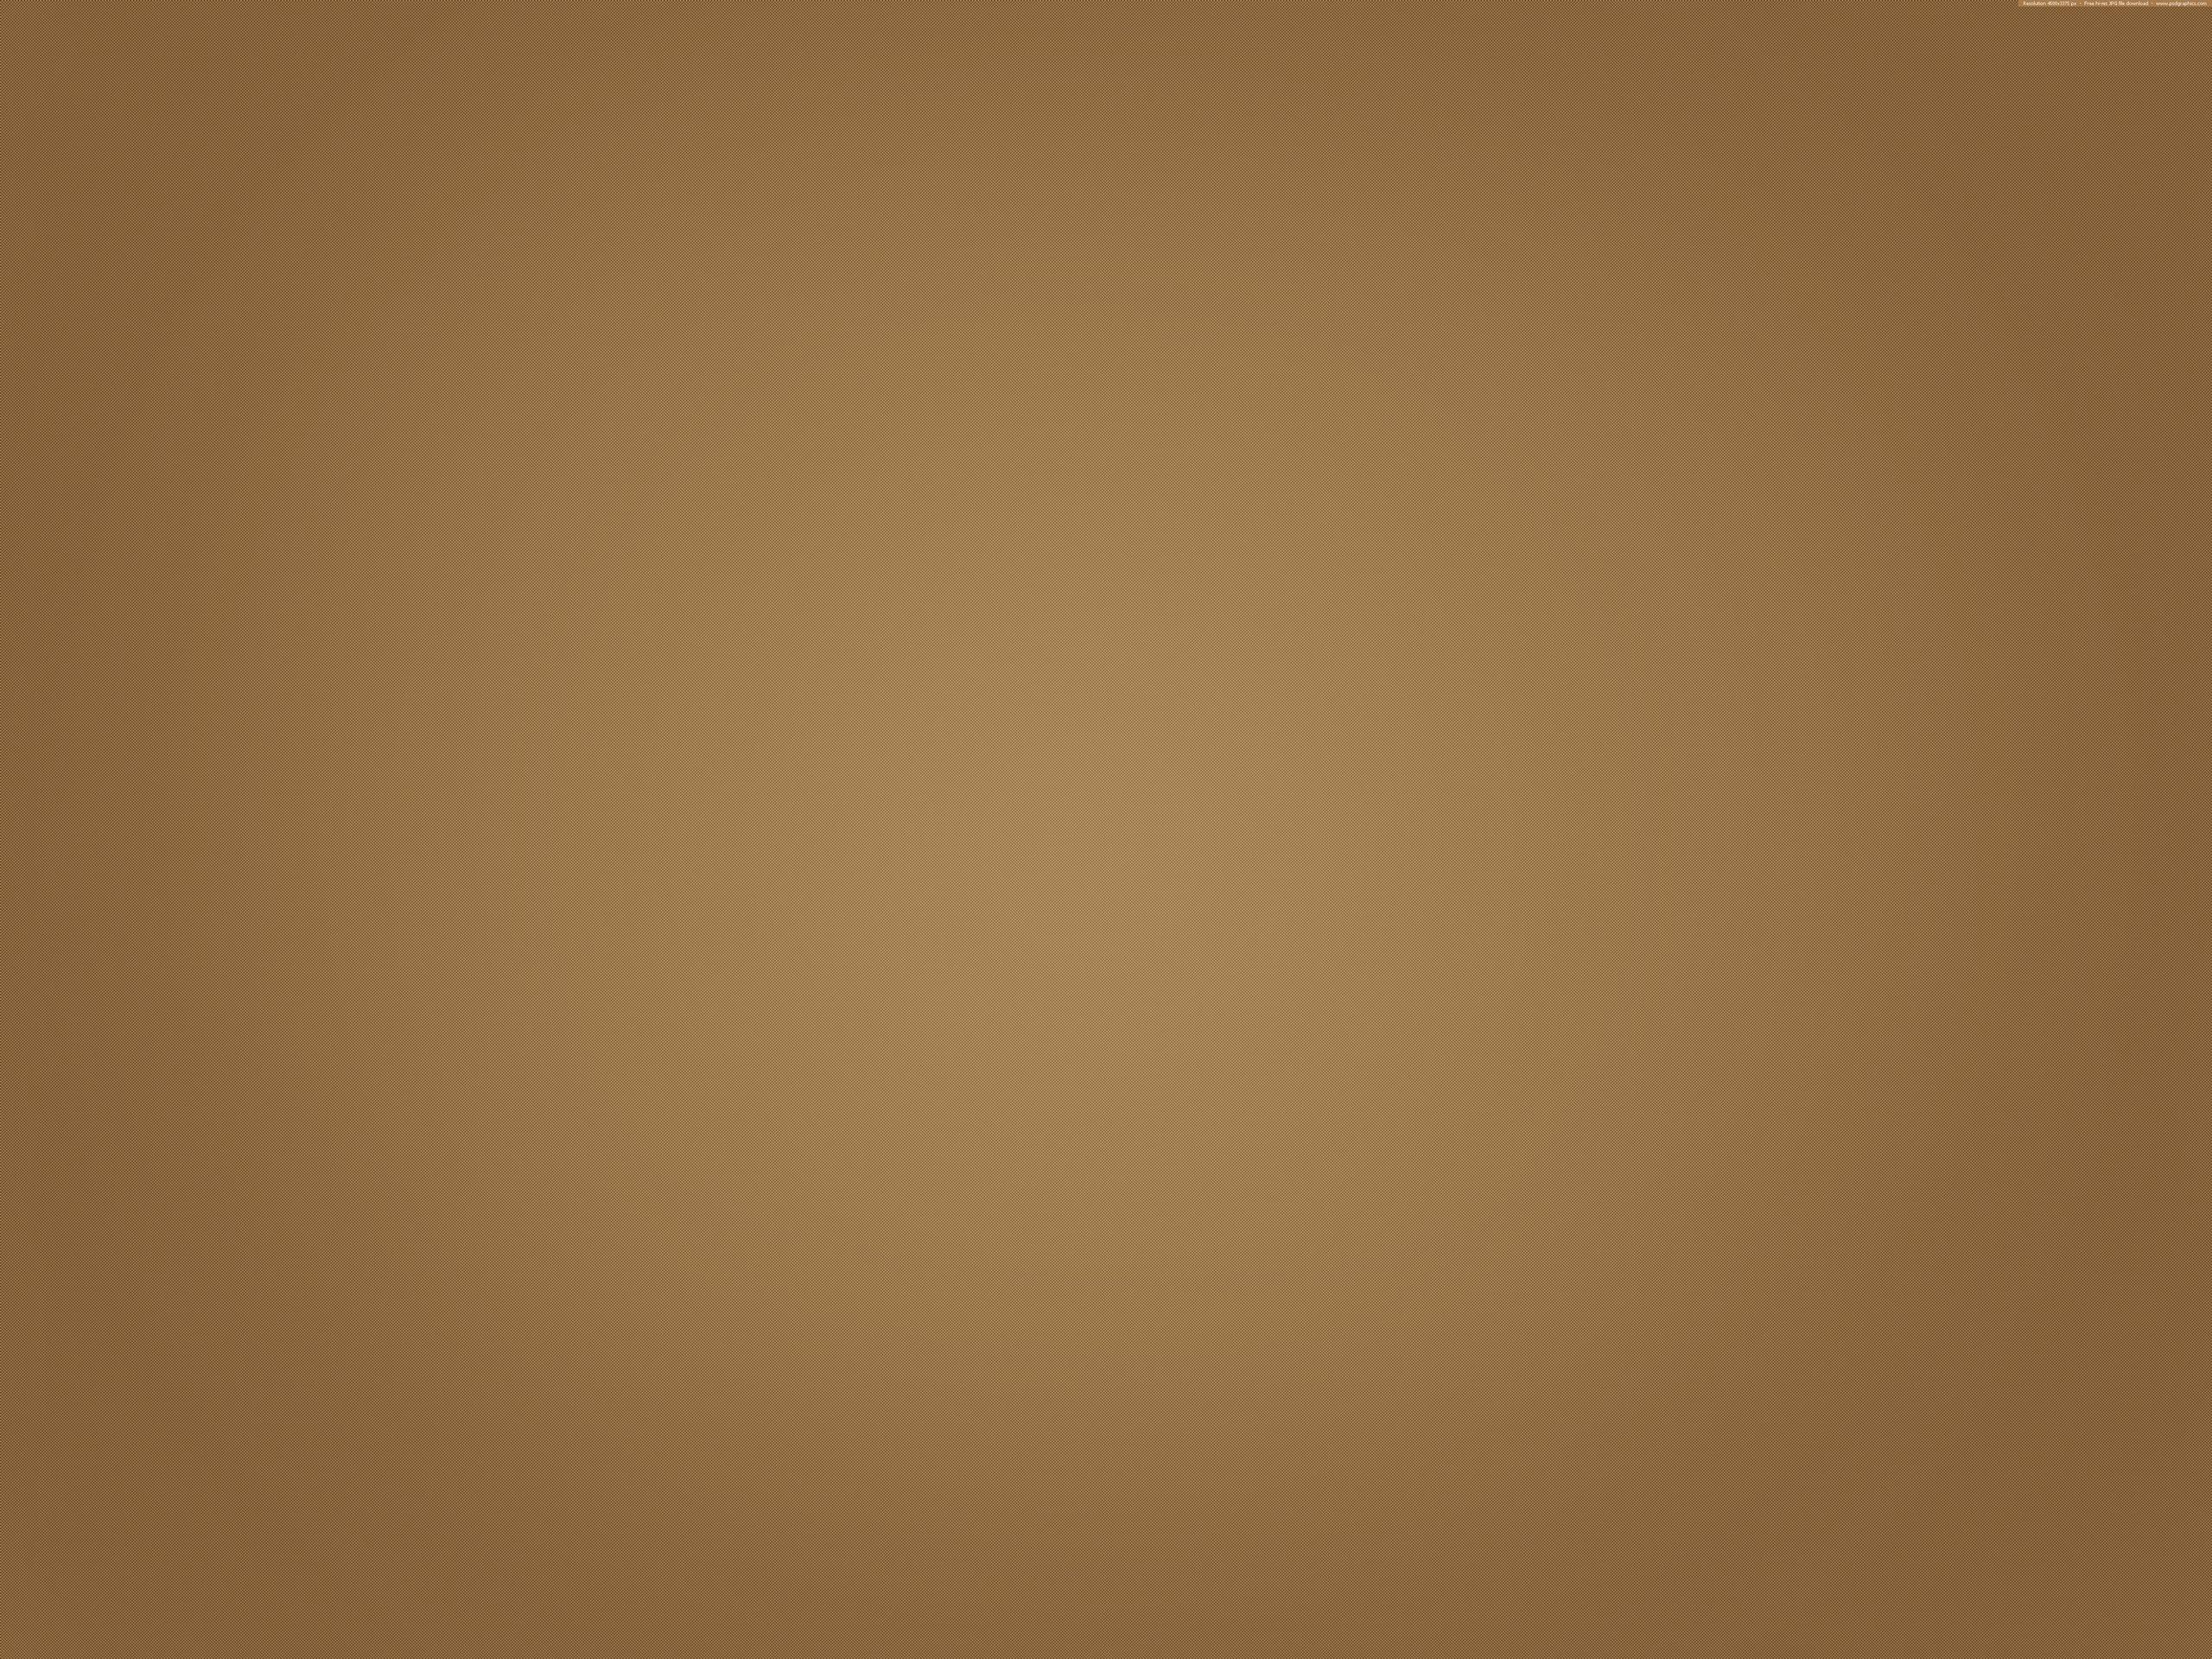 20 Simple Plain Backgrounds amp Premium Creatives 2560x1920